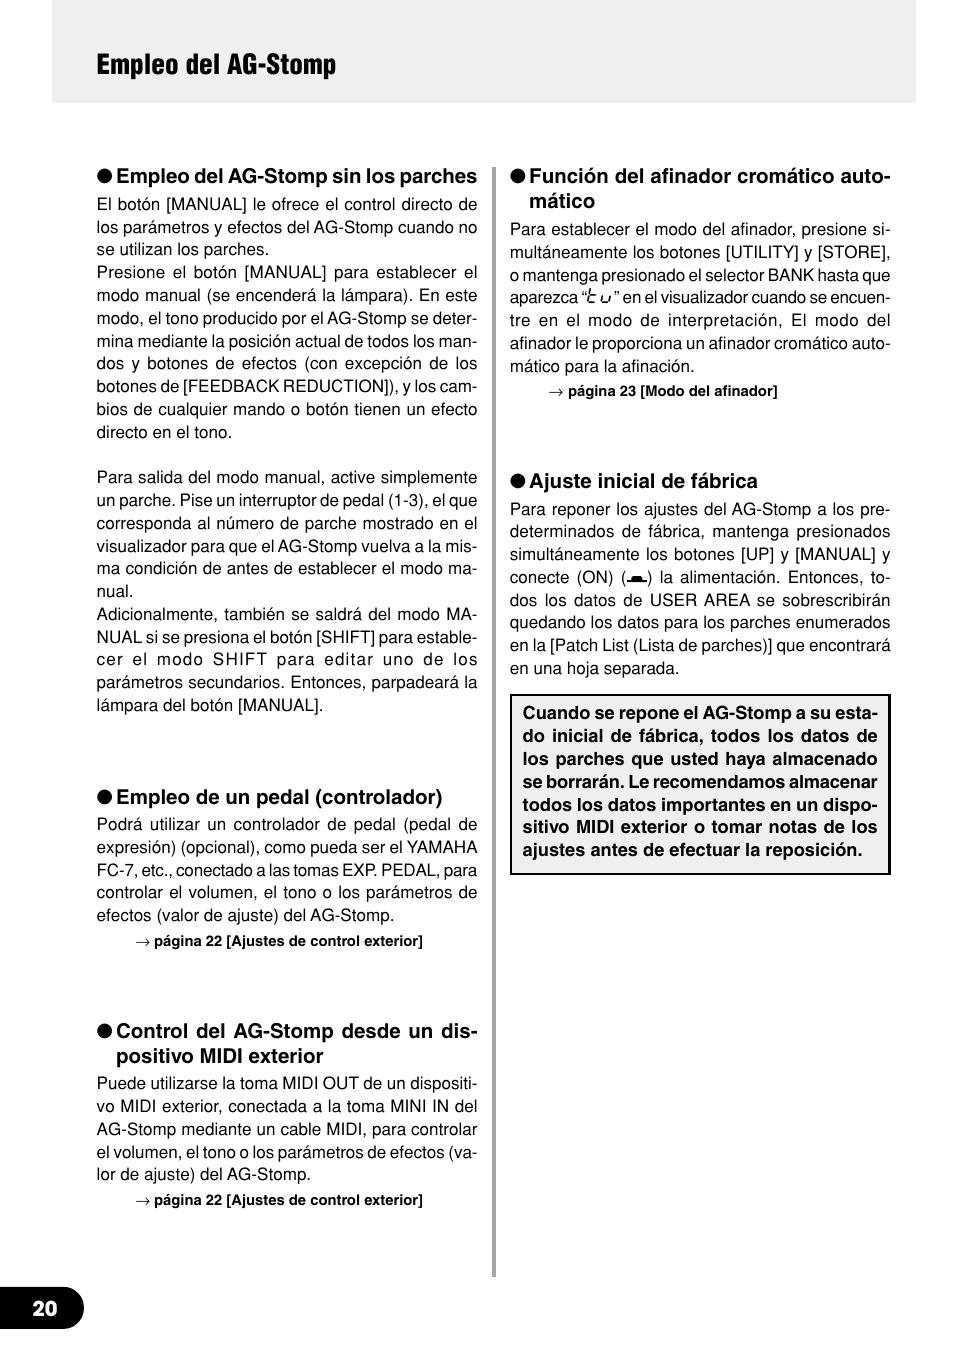 Empleo del ag-stomp | Yamaha AG-Stomp Manual del usuario | Página 20